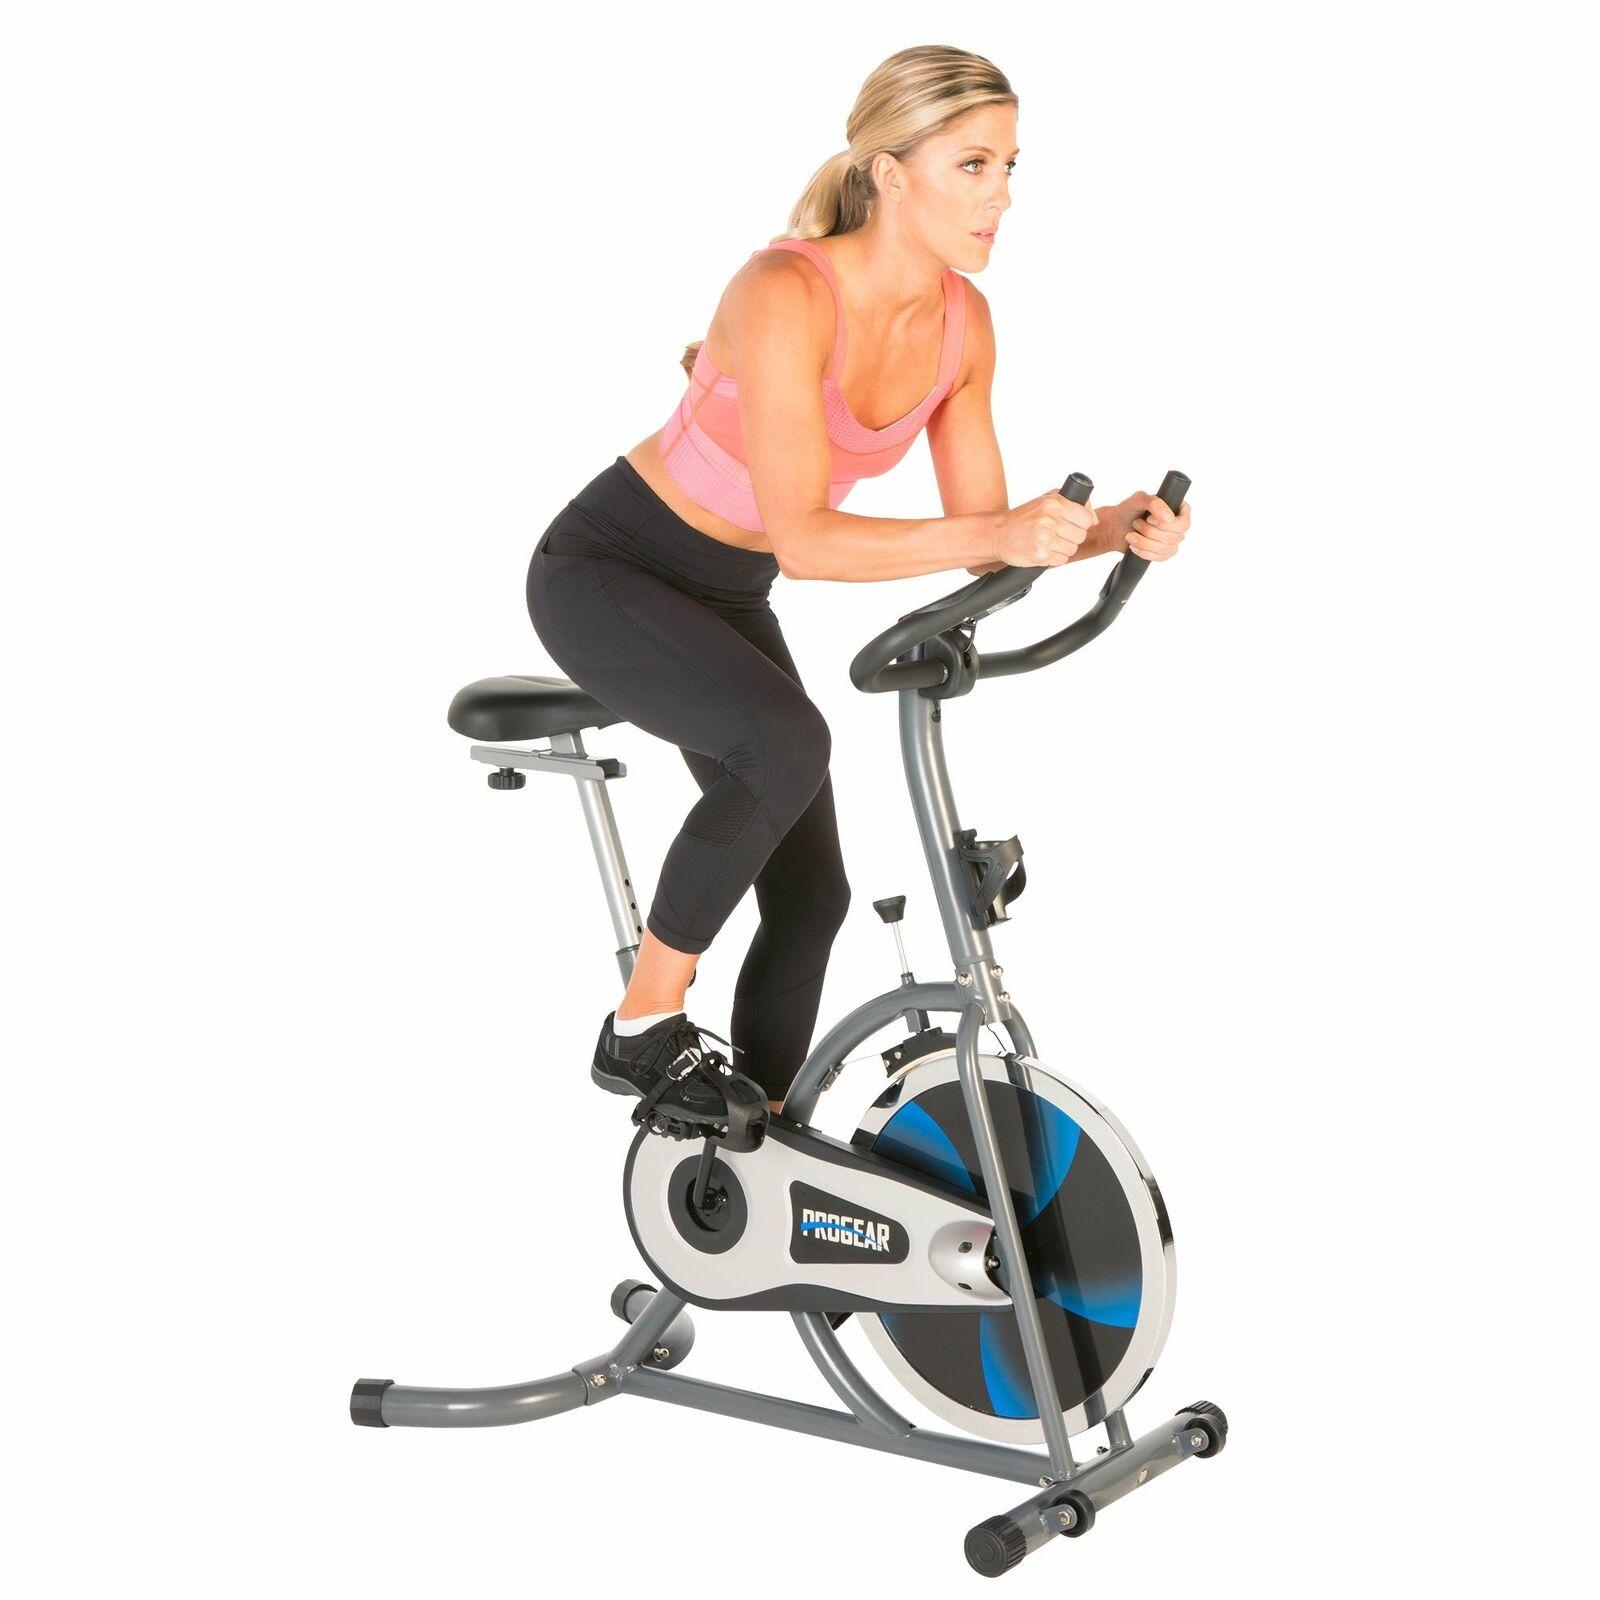 افضل دراجة ثابتة رياضية لحرق الدهون والتخسيس